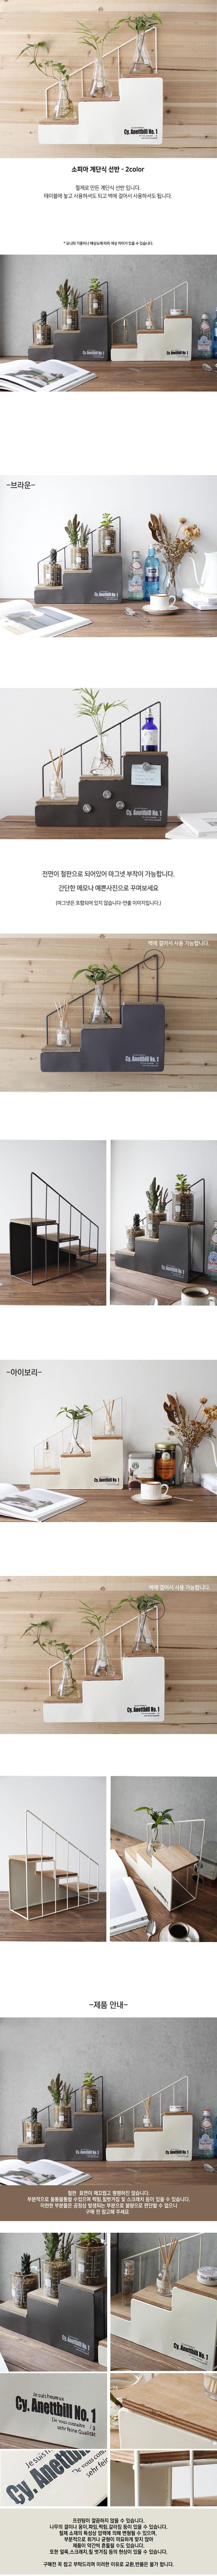 소피아 계단식 선반 - 2color- annahouse - 안나하우스, 32,000원, 수납/선반장, 벽선반